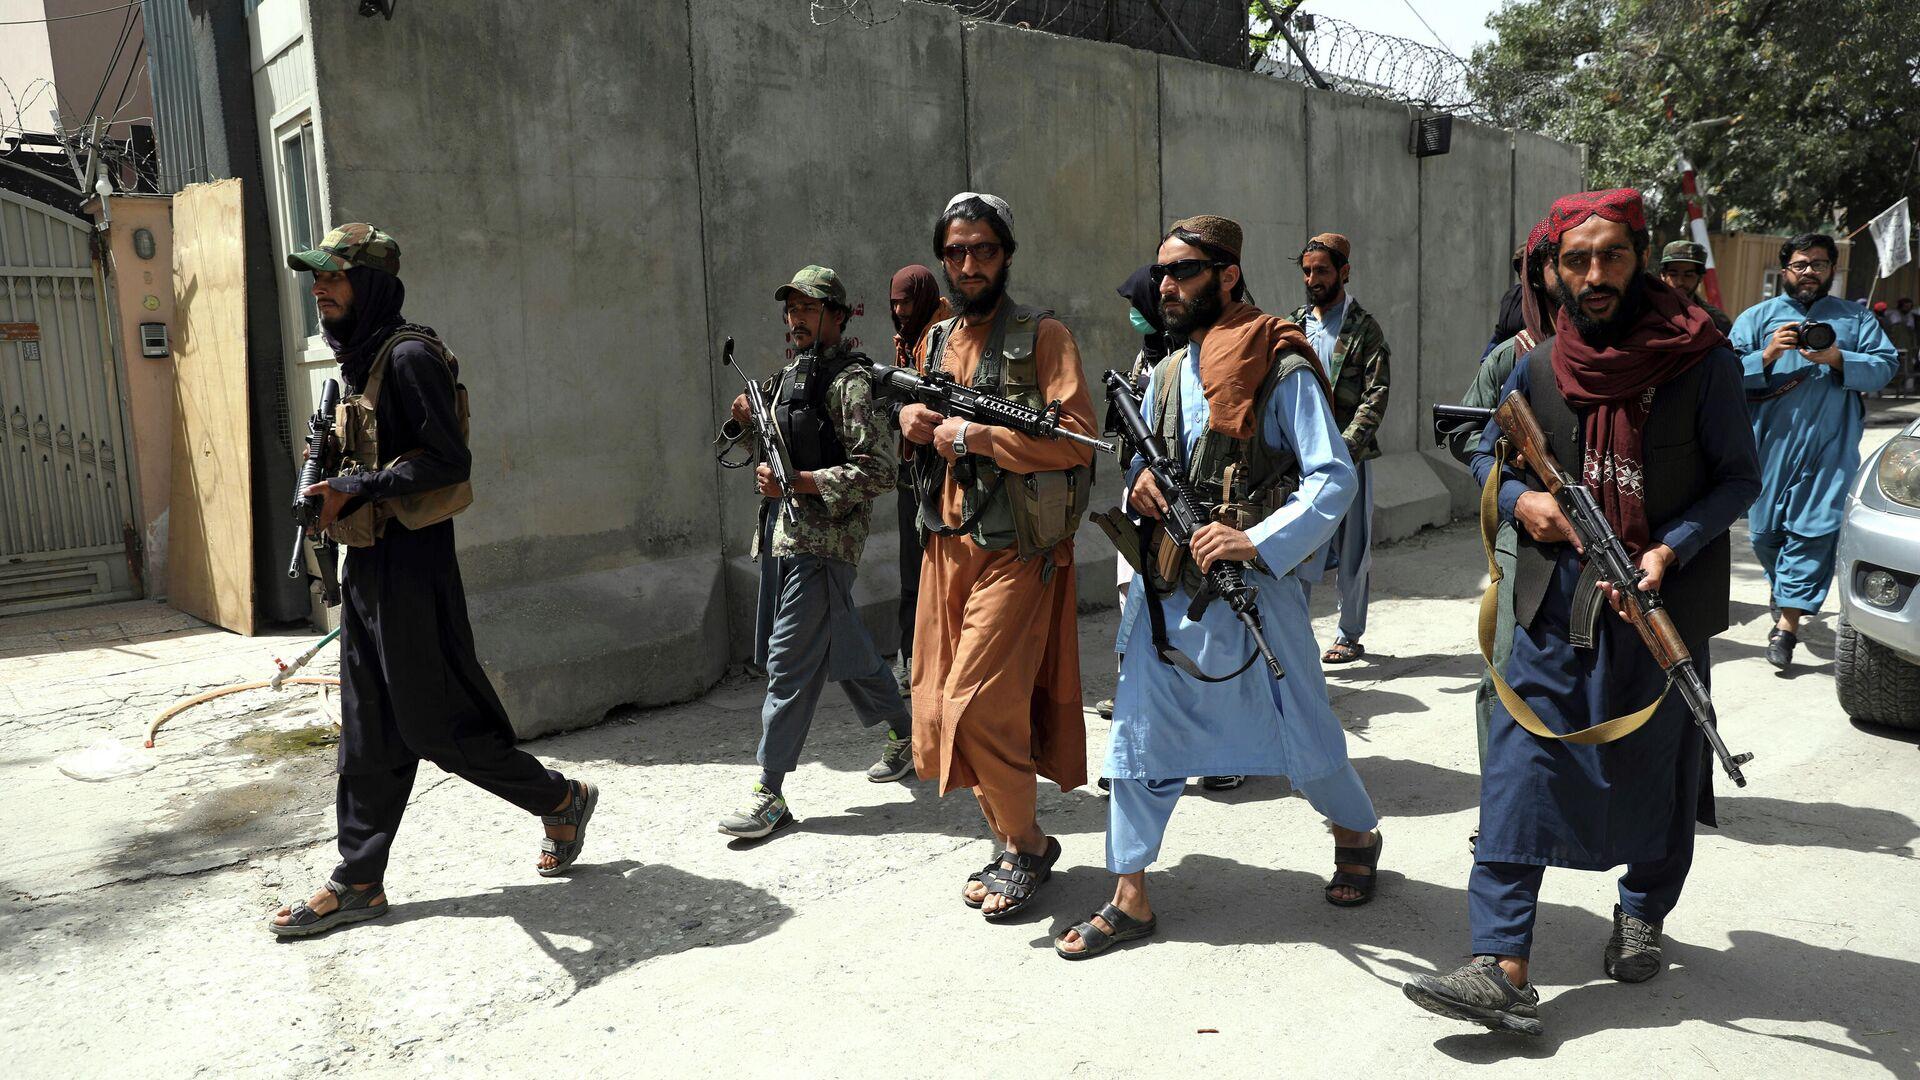 Боевики Талибана патрулируют район Вазир Акбар Хан в городе Кабул, Афганистан - Sputnik Таджикистан, 1920, 25.09.2021